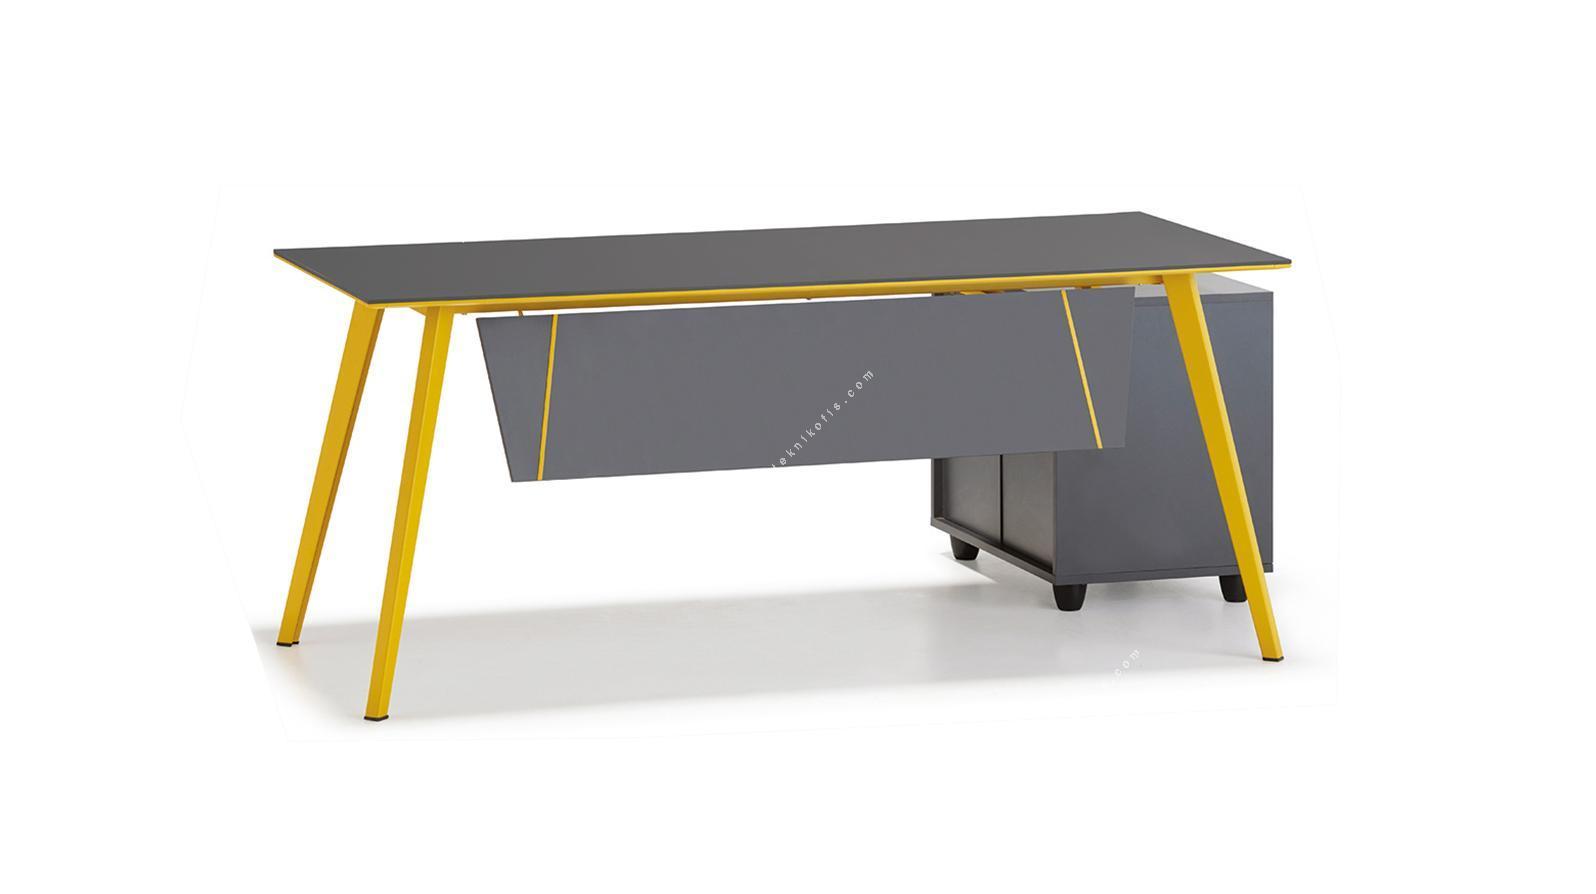 vega üç ayaklı metal ayaklı çalışma masası 120cm